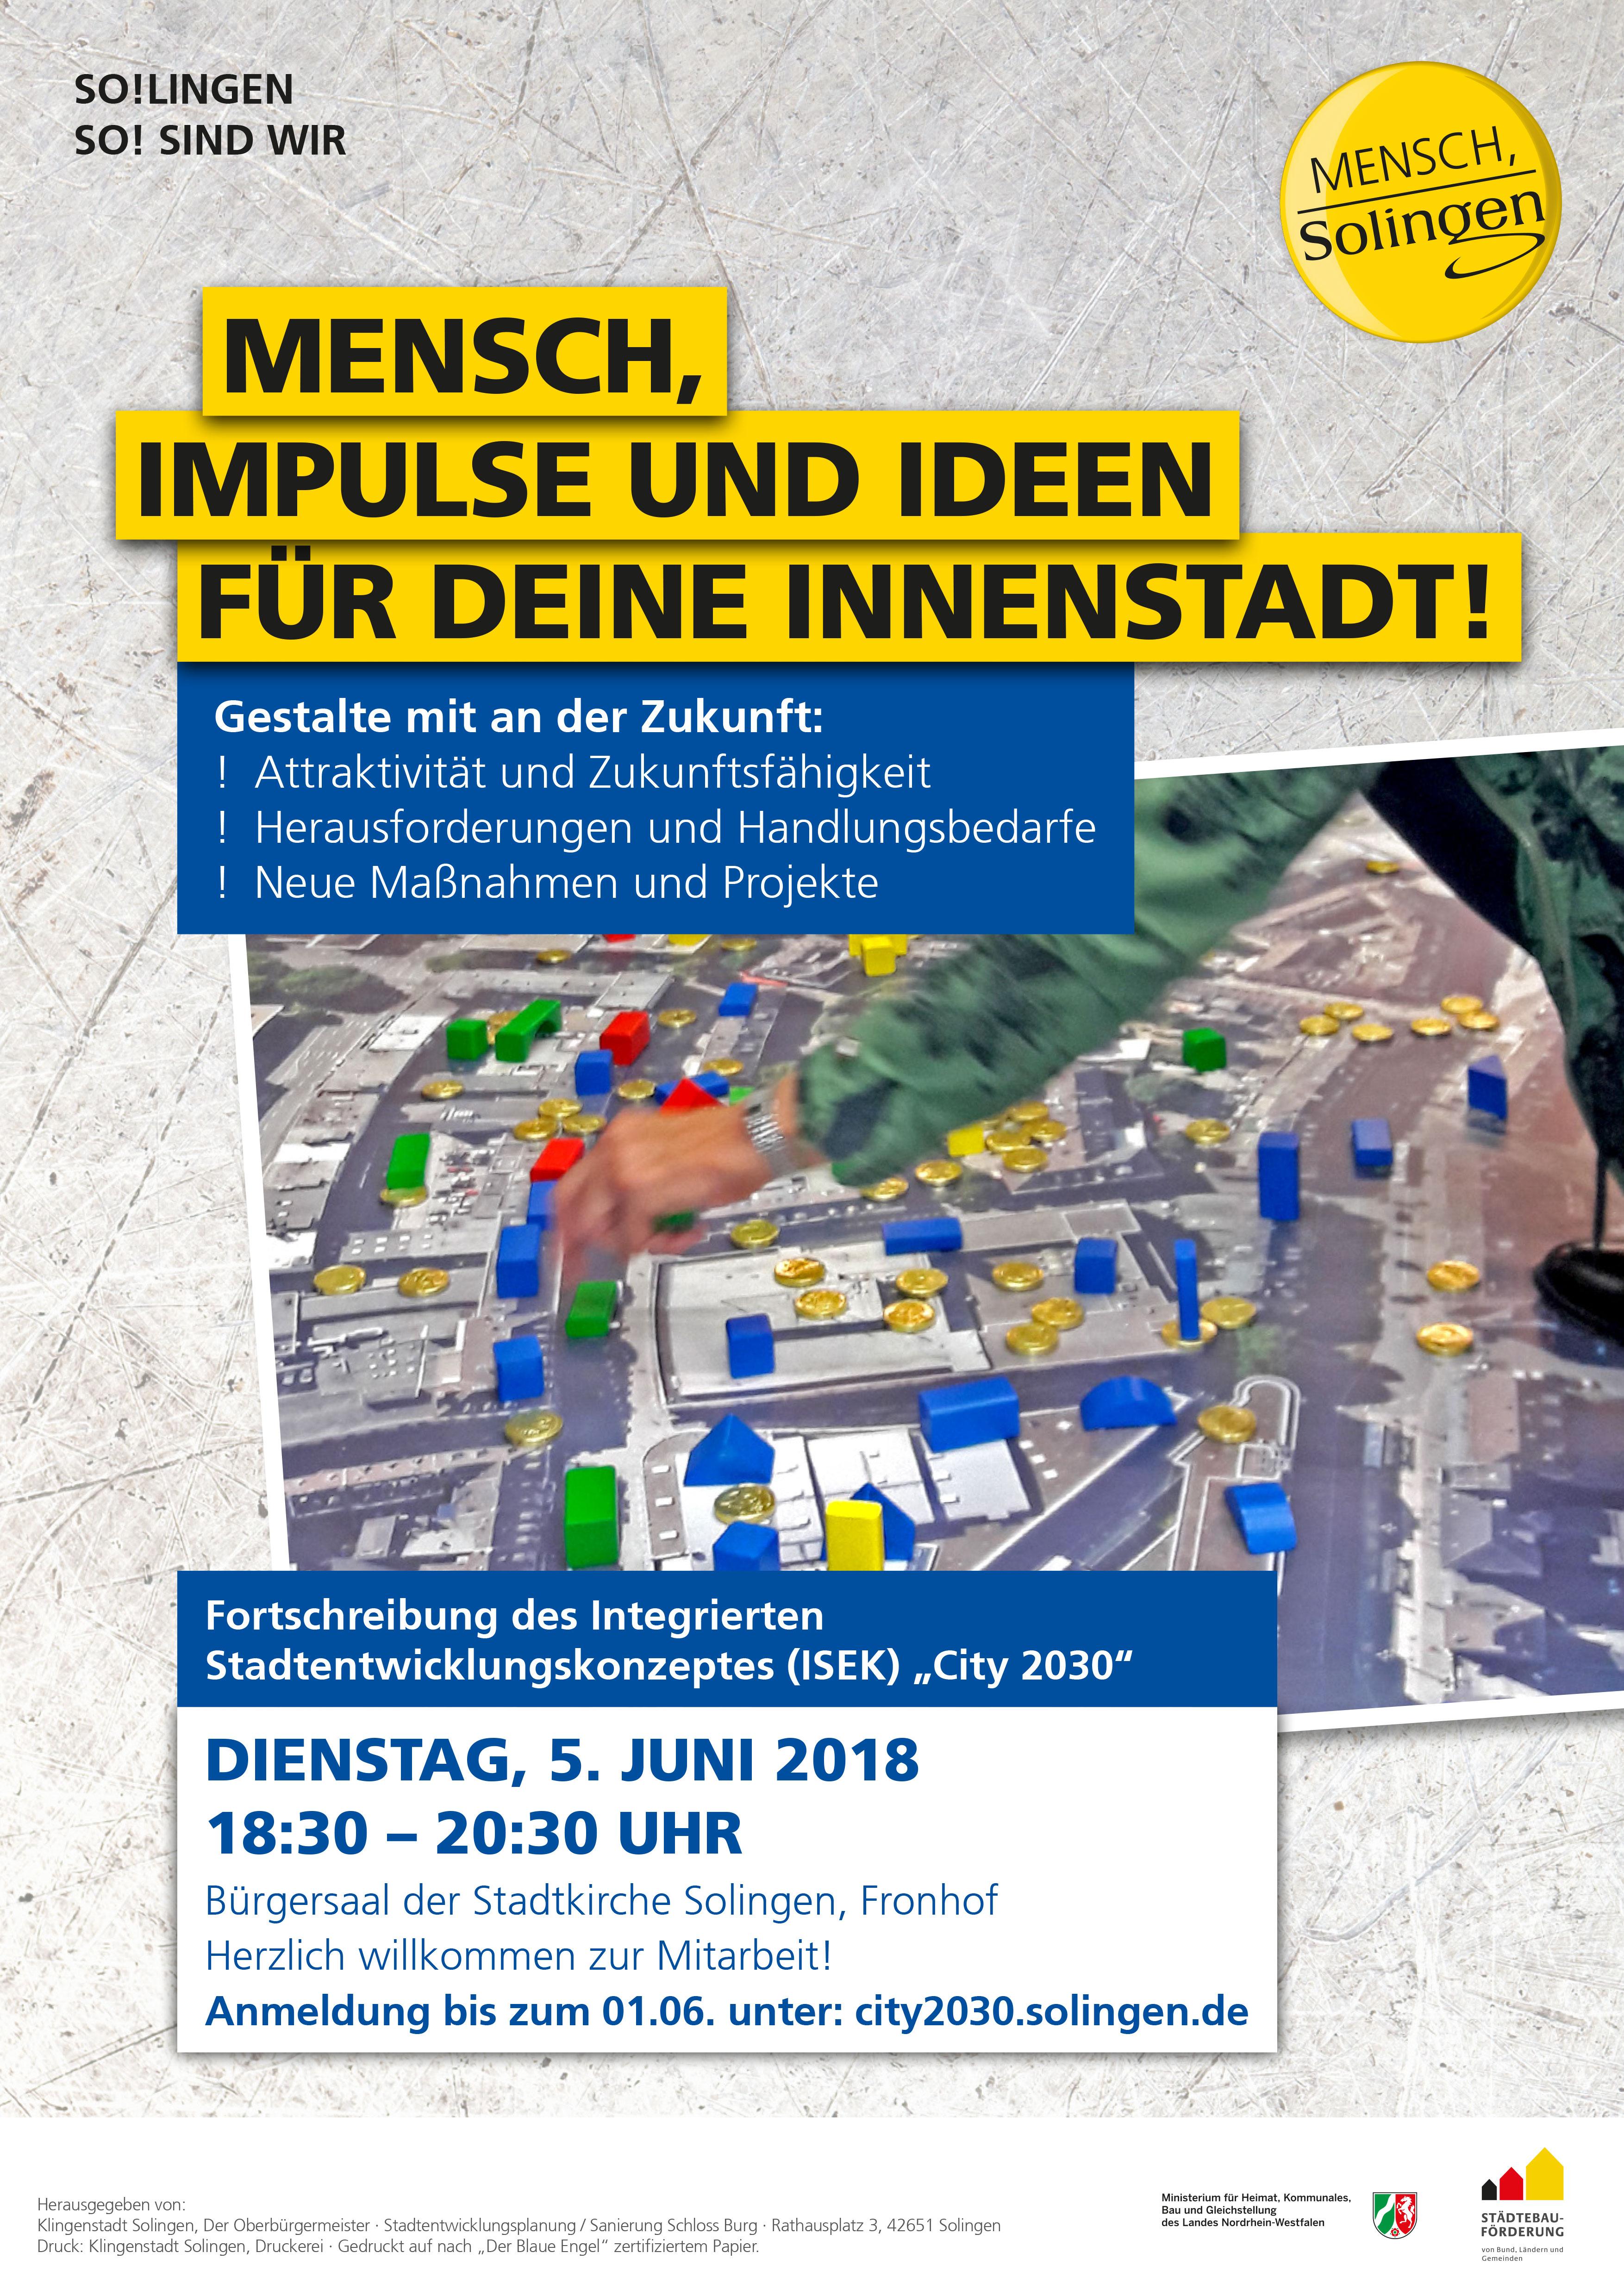 Ungewöhnlich Ideen Beim Bau Eine Neue Heimat Fotos - Images for ...